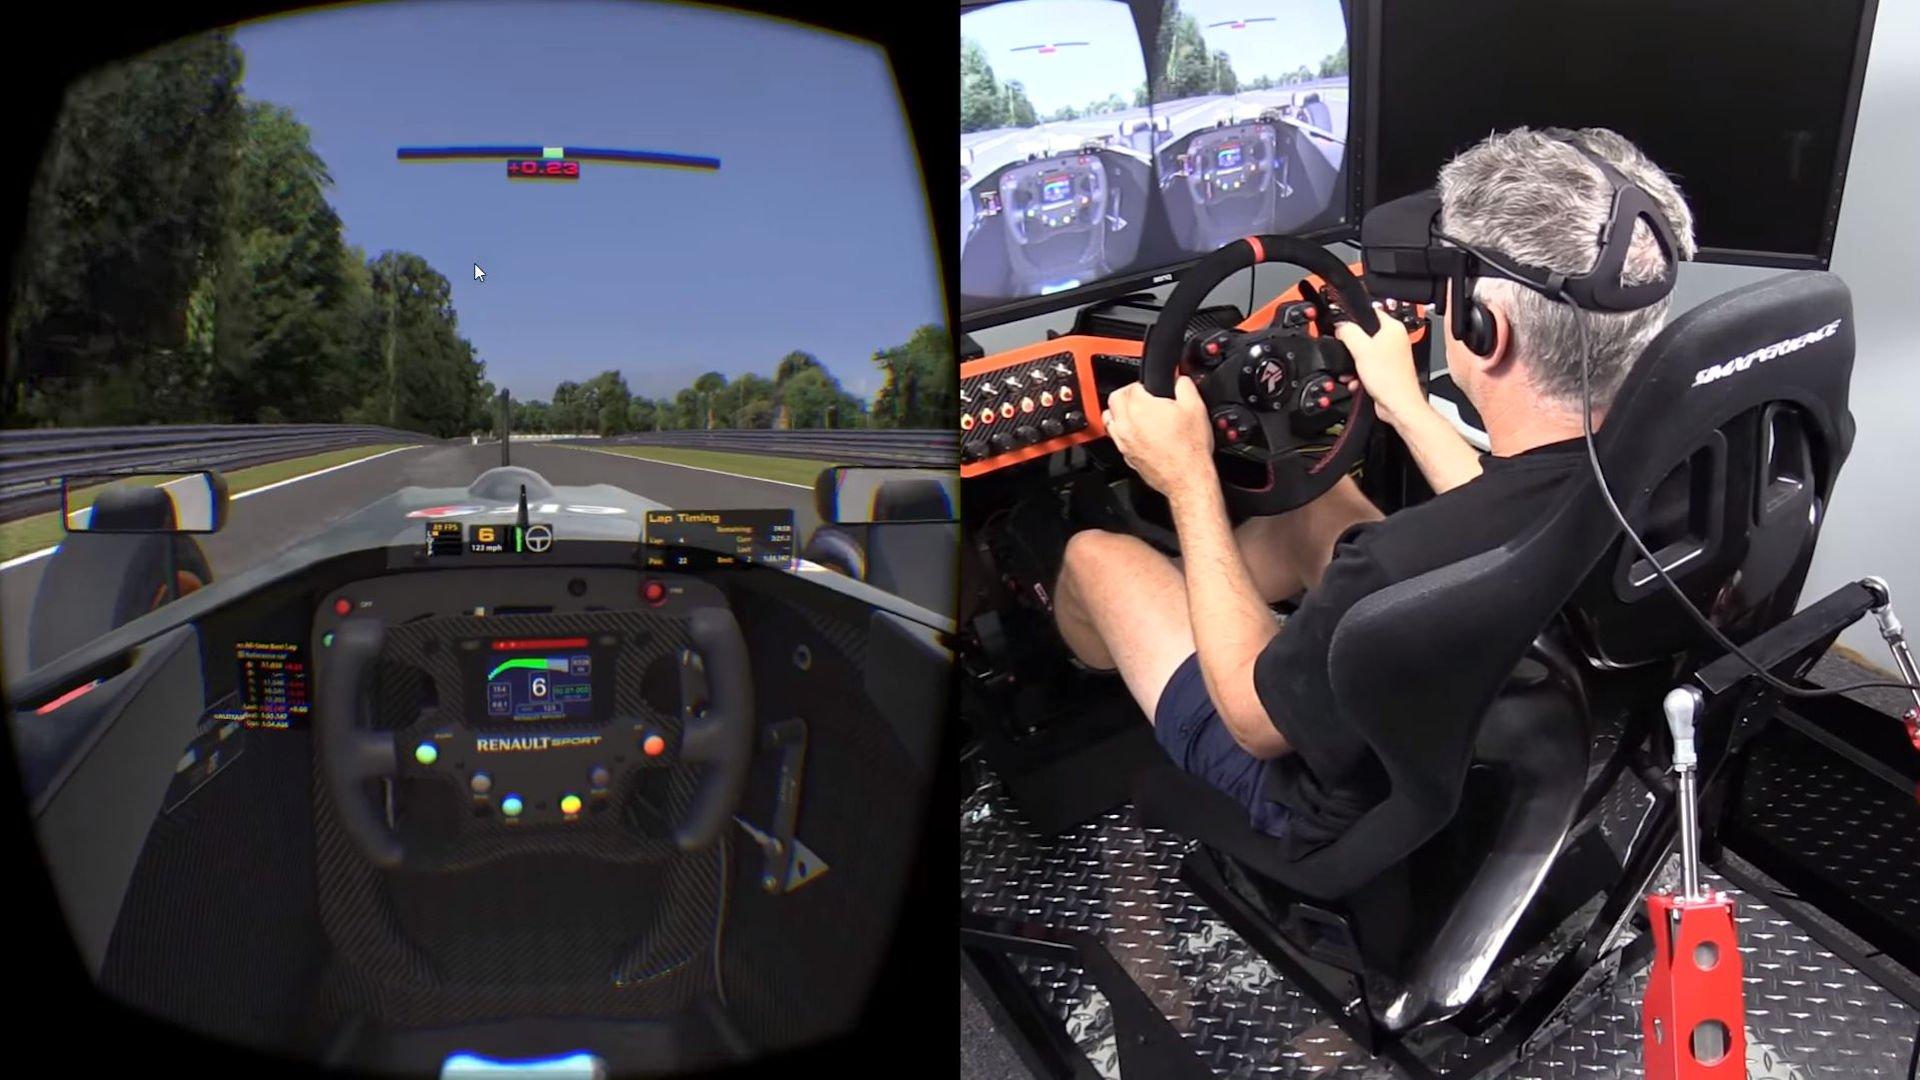 Oculus-Rift-CV1-First-Look-Inside-Sim-Racing